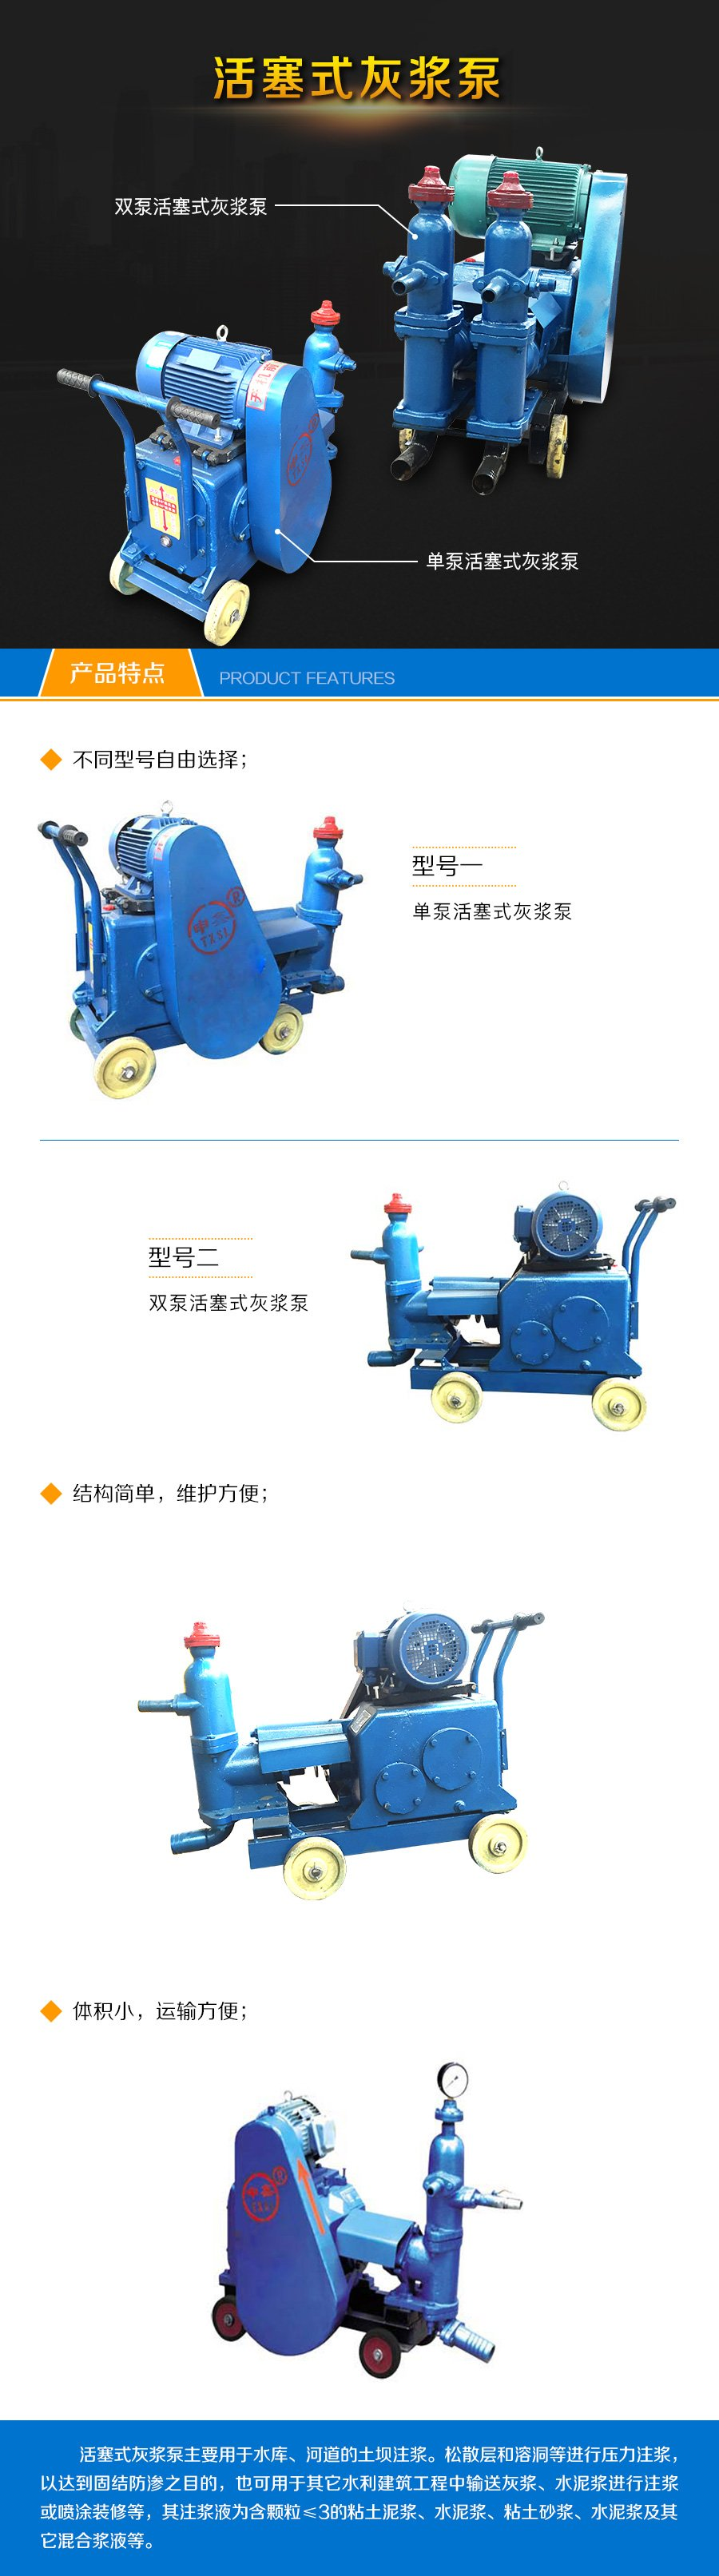 活塞式灰浆泵(1).jpg